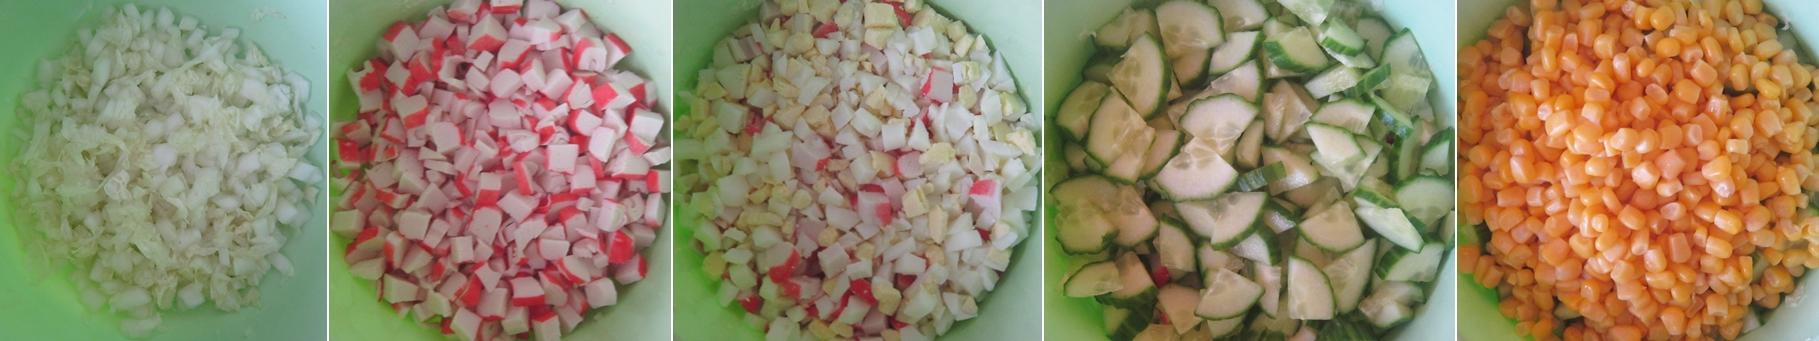 Салат из огурцов и крабовых палочек и кукурузы рецепт очень вкусный с